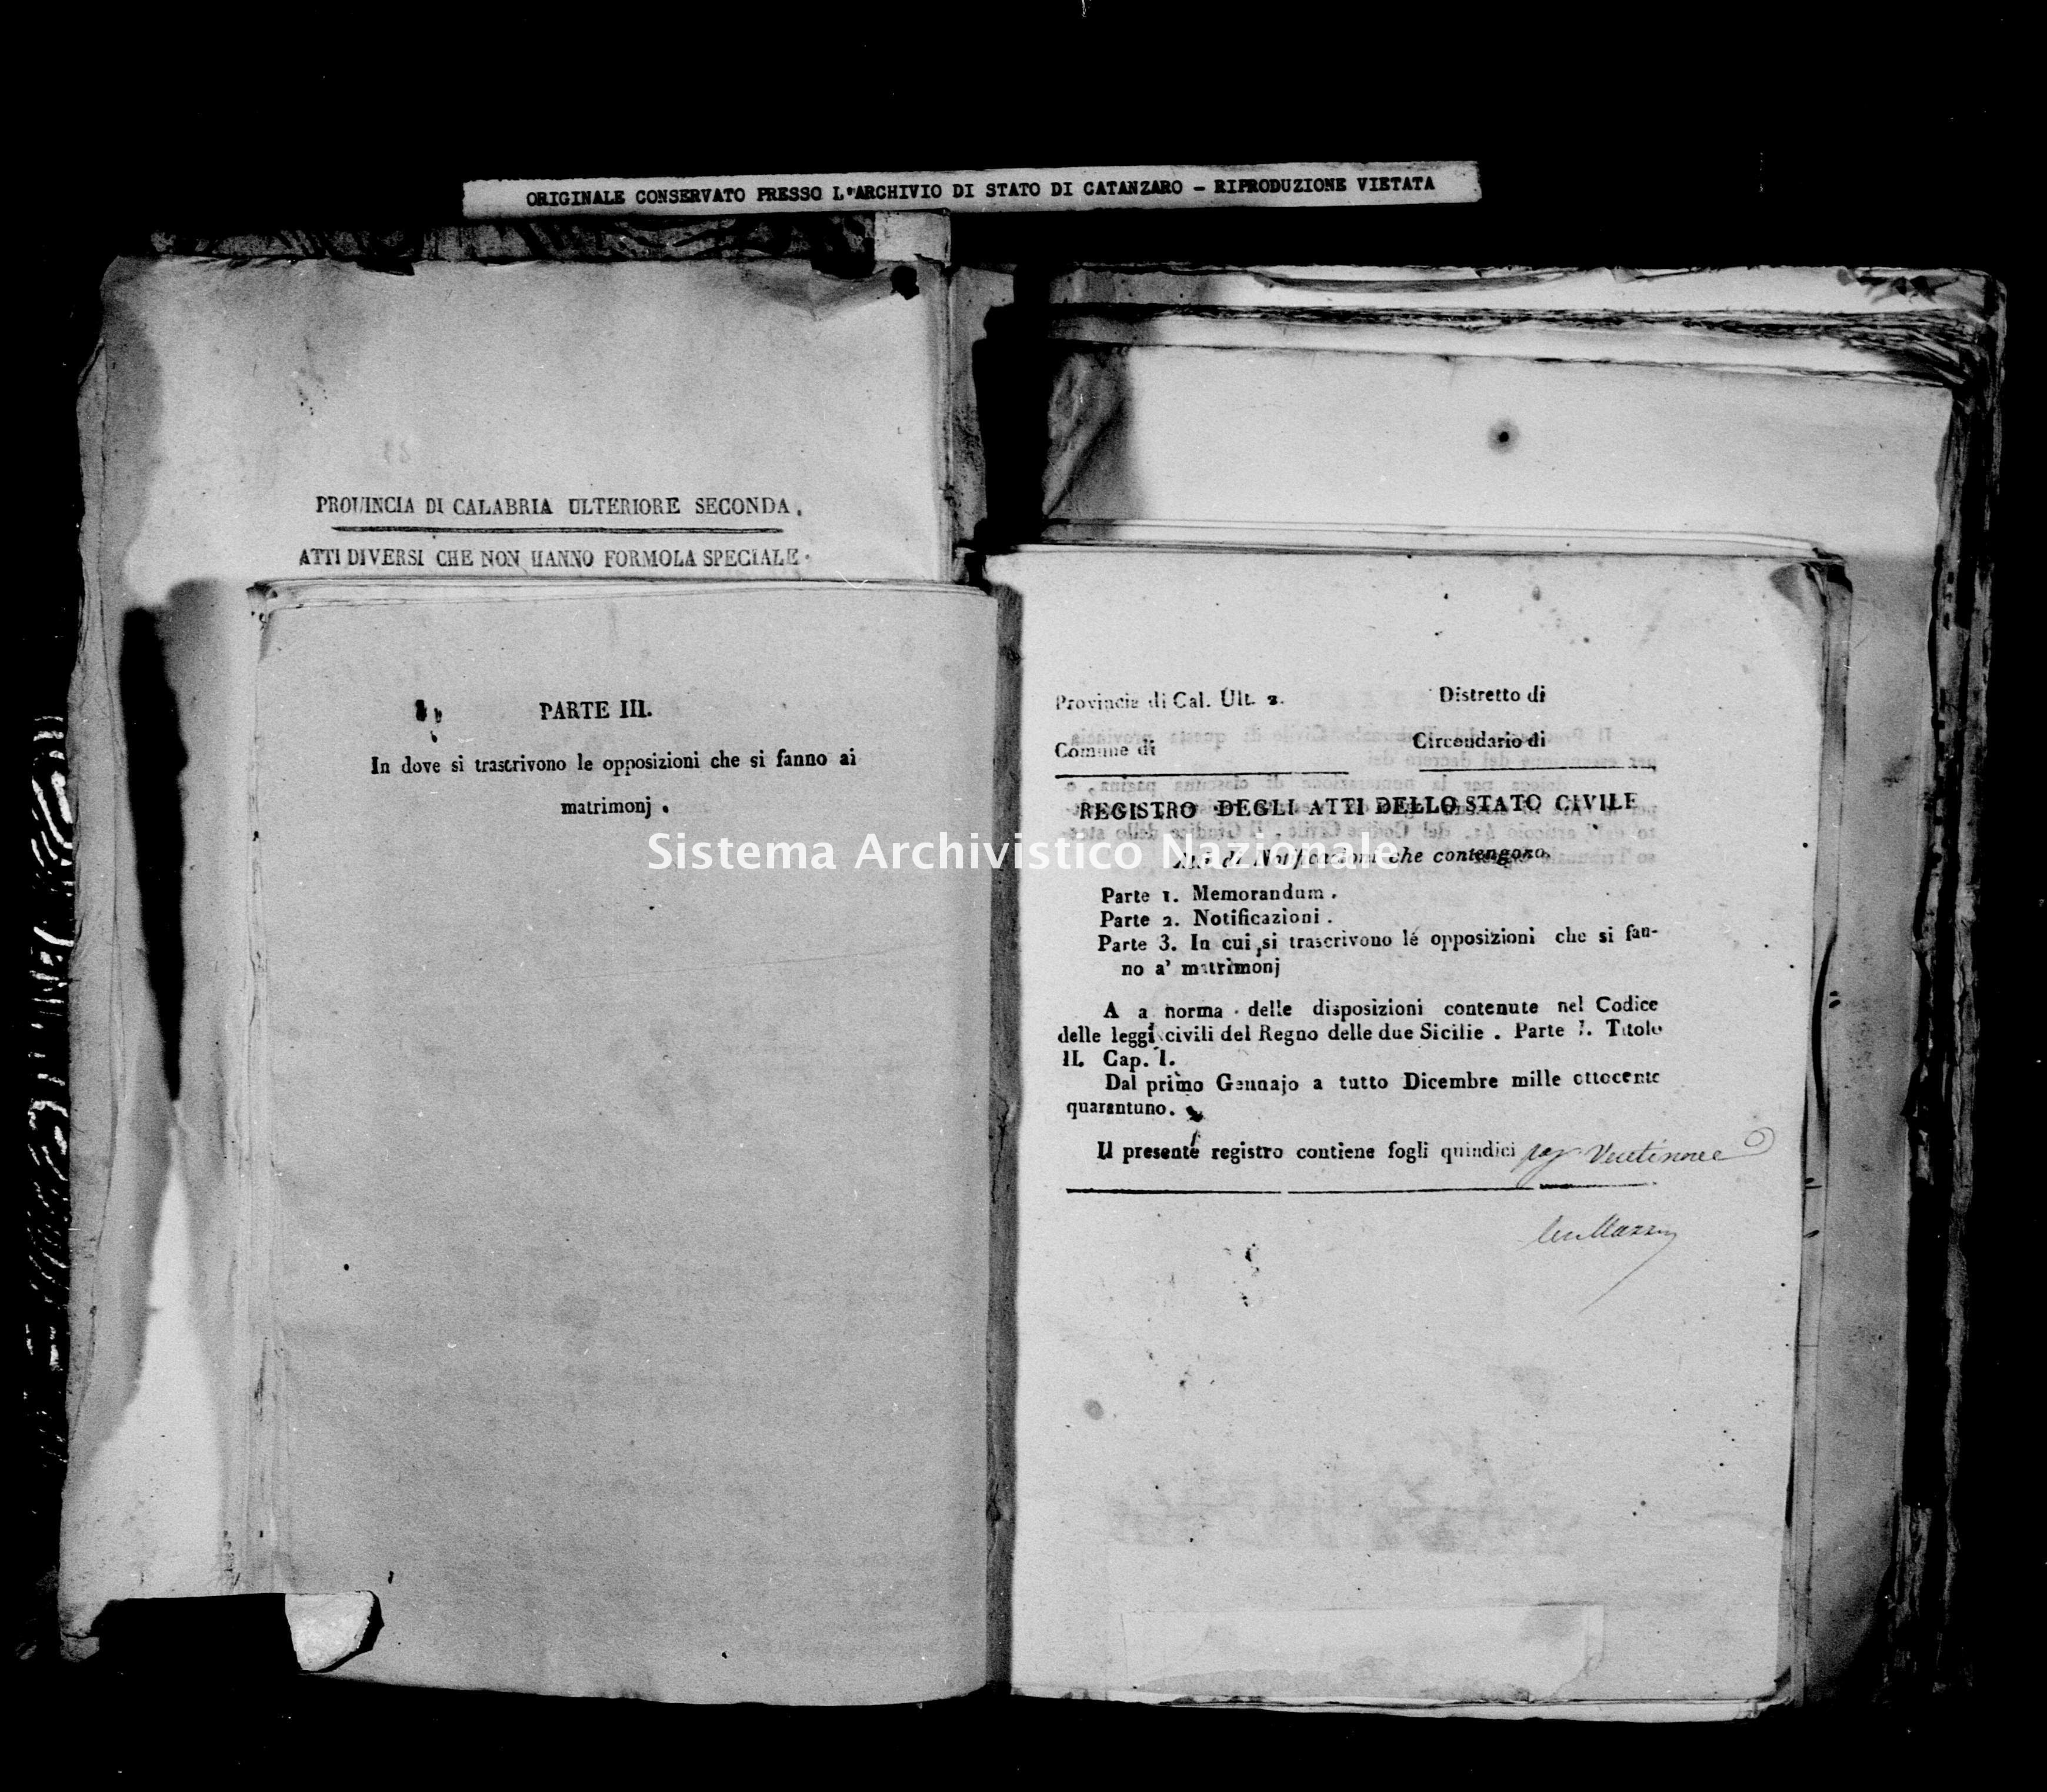 Archivio di stato di Catanzaro - Stato civile della restaurazione - Bella - Matrimoni, notificazioni - 1841 -